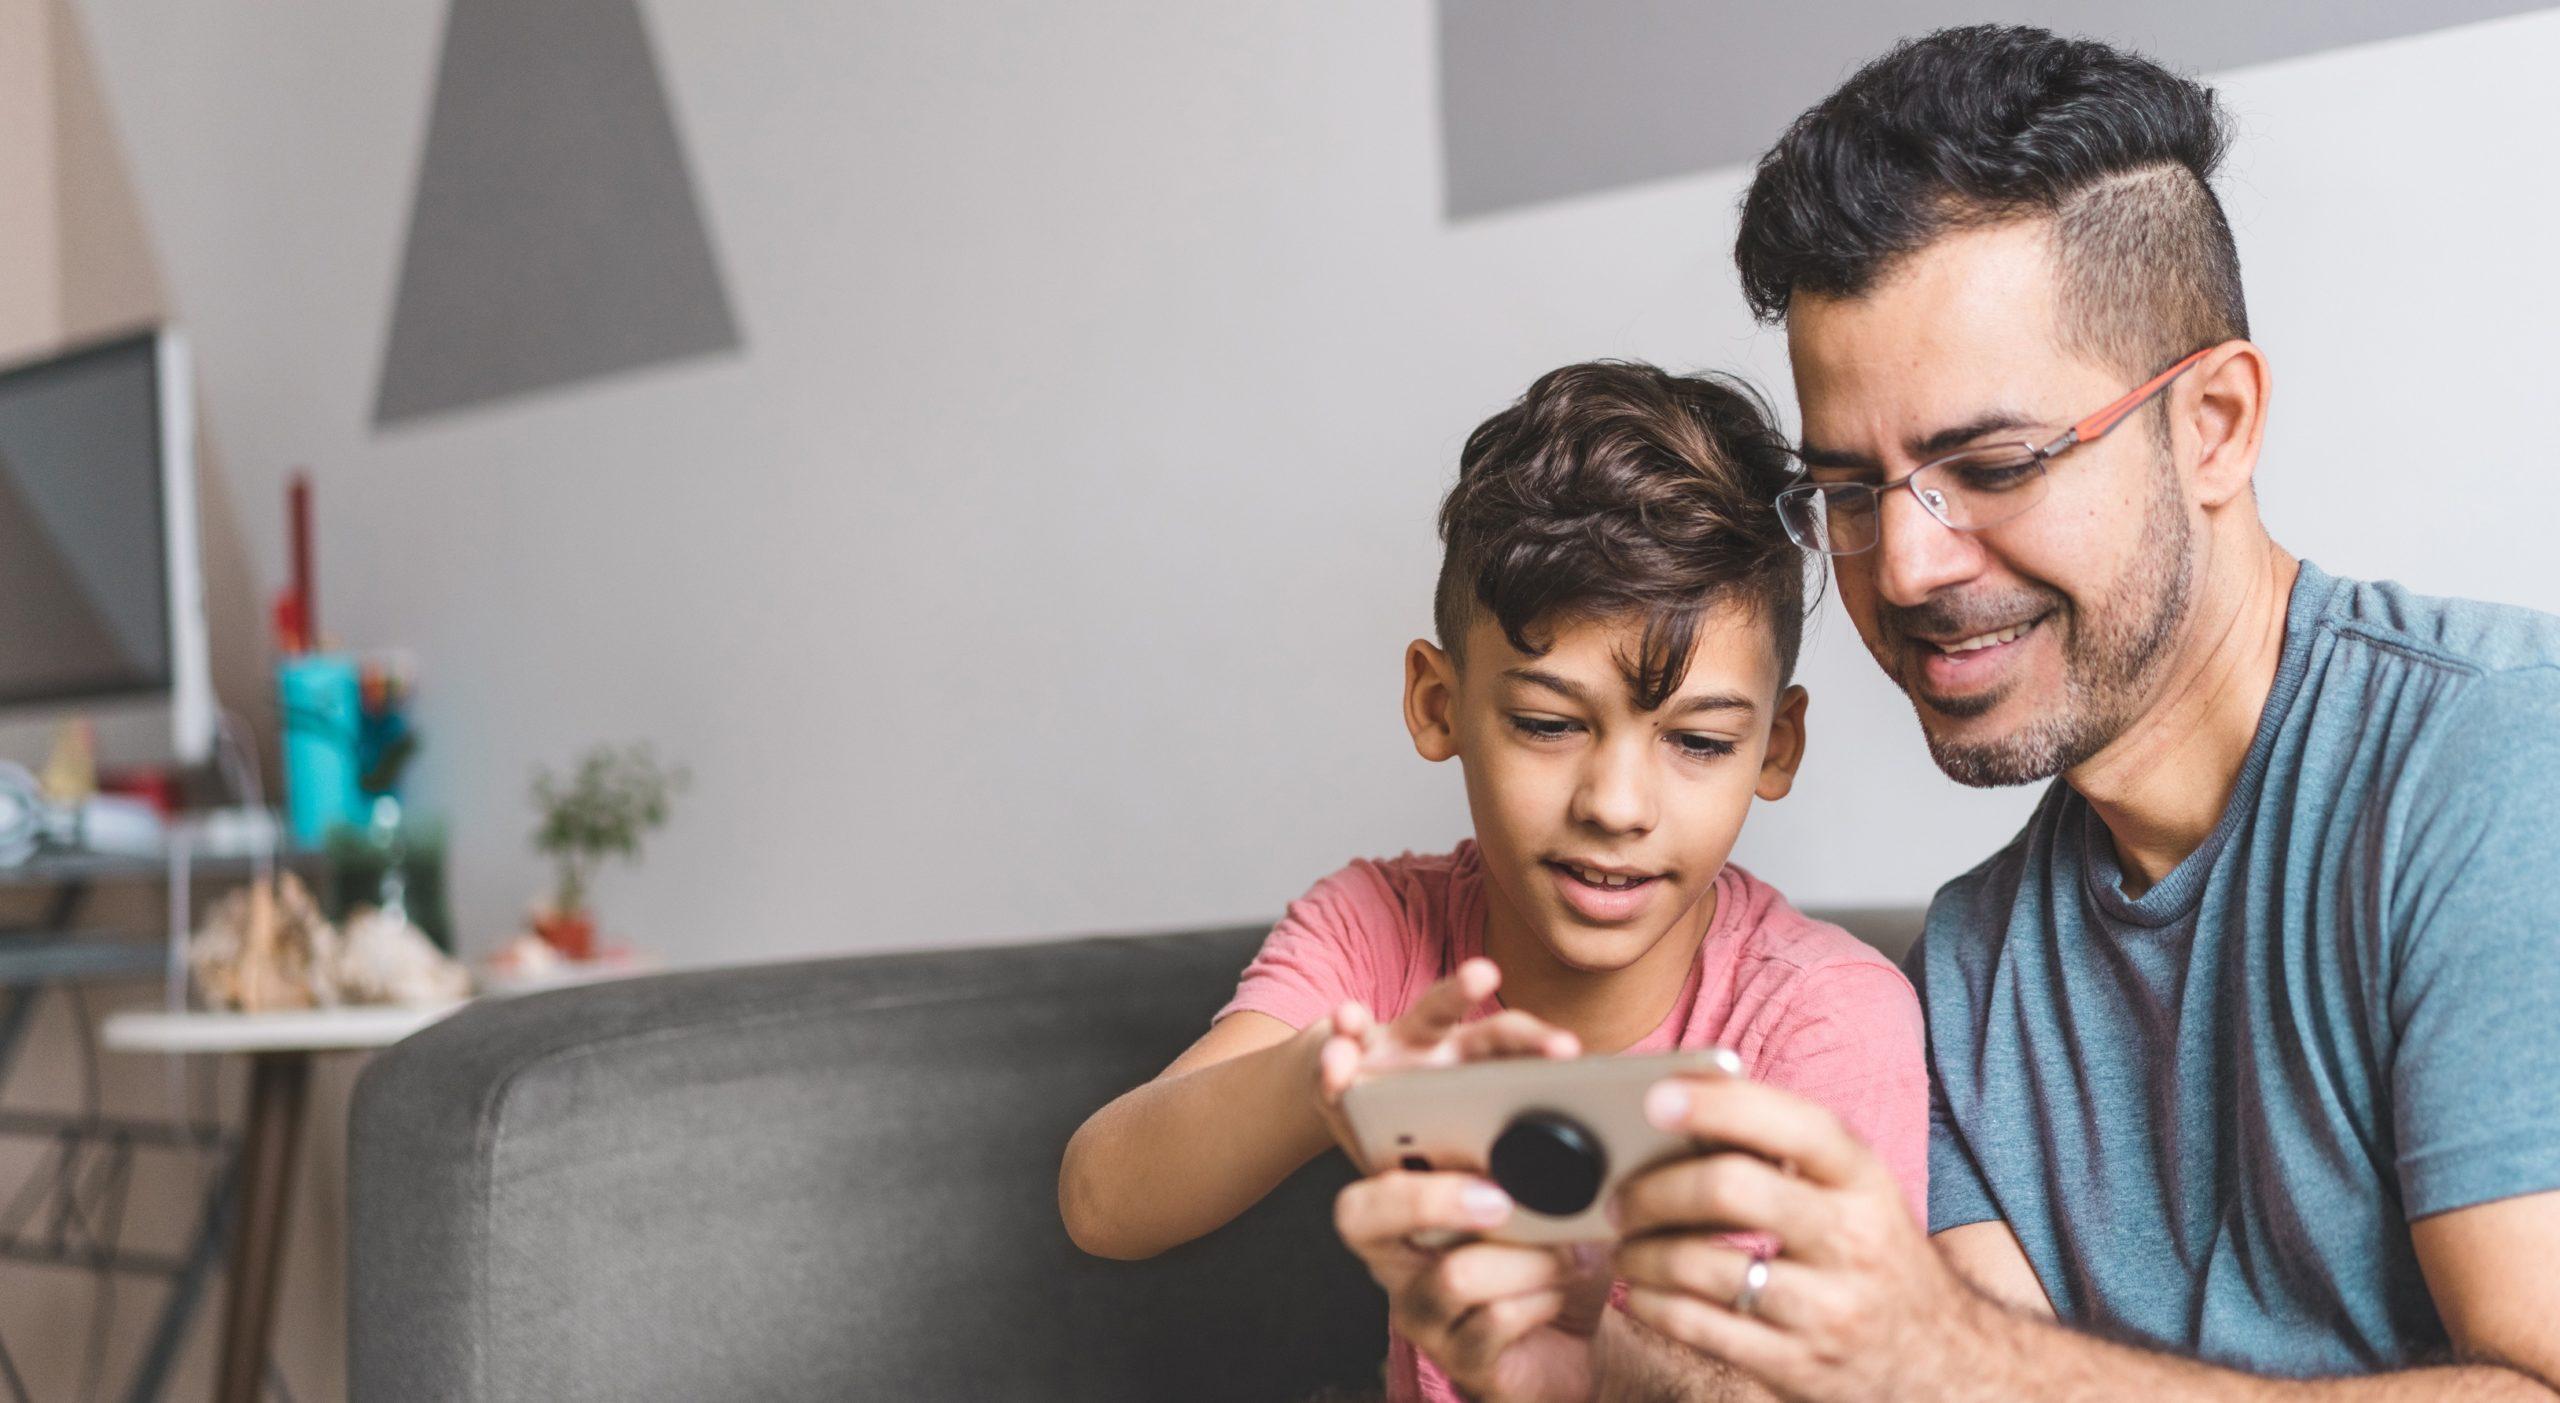 Padre e hijo mirando el celular